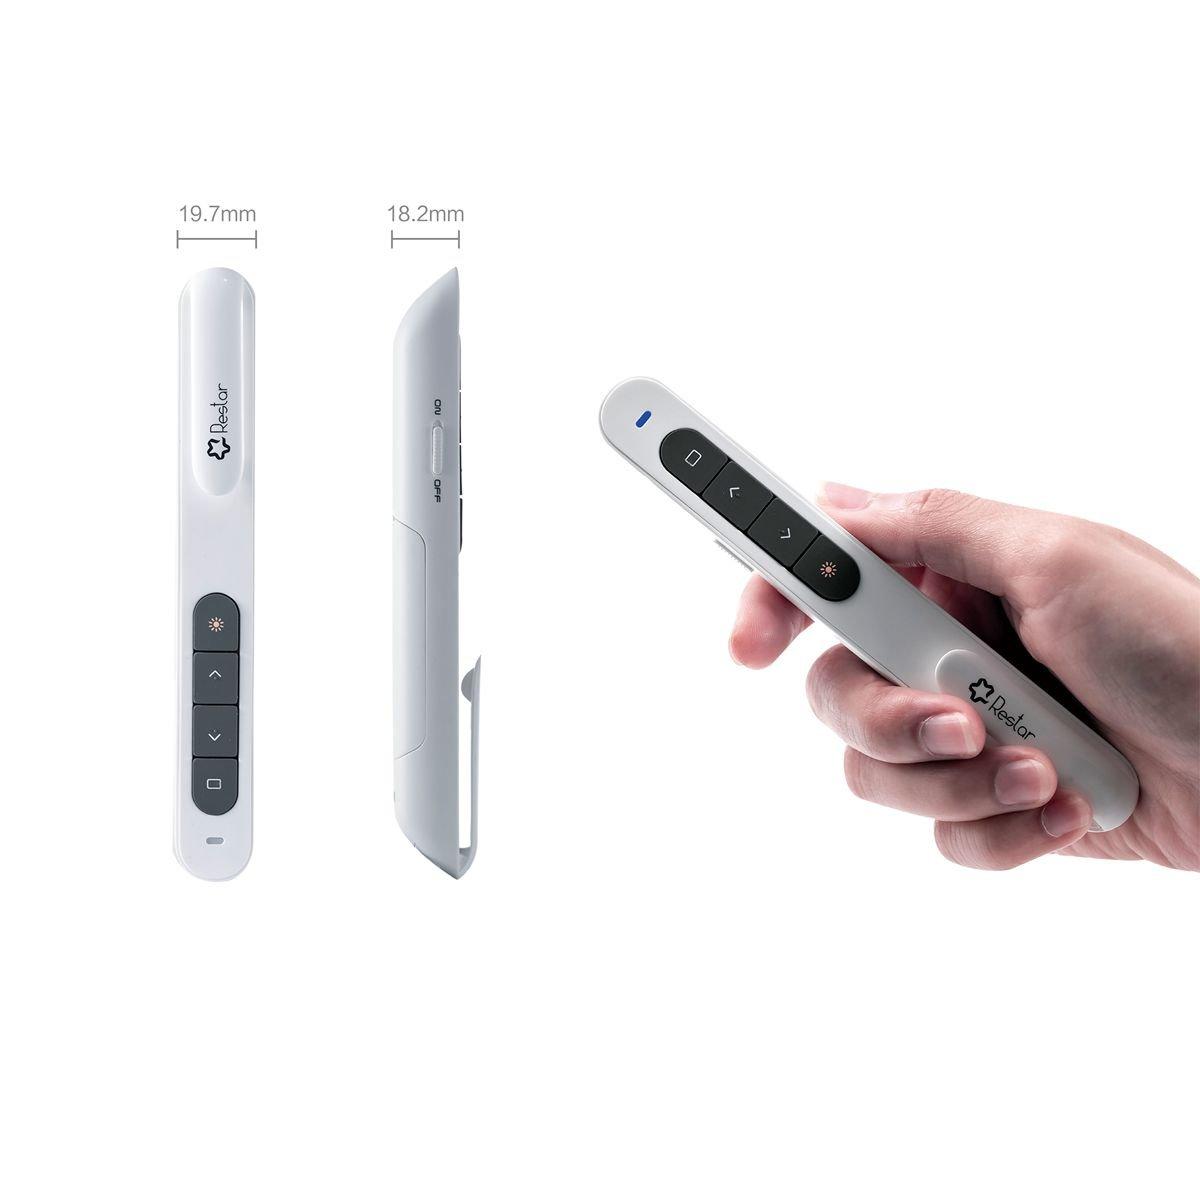 Wireless Laser Presenter, Restar 2.4GHz Wireless USB PowerPoint Presentation Remote Control Pointer Clicker Presenter Laser Flip Pen with Clip (White) by Restar Laser Pointer (Image #7)